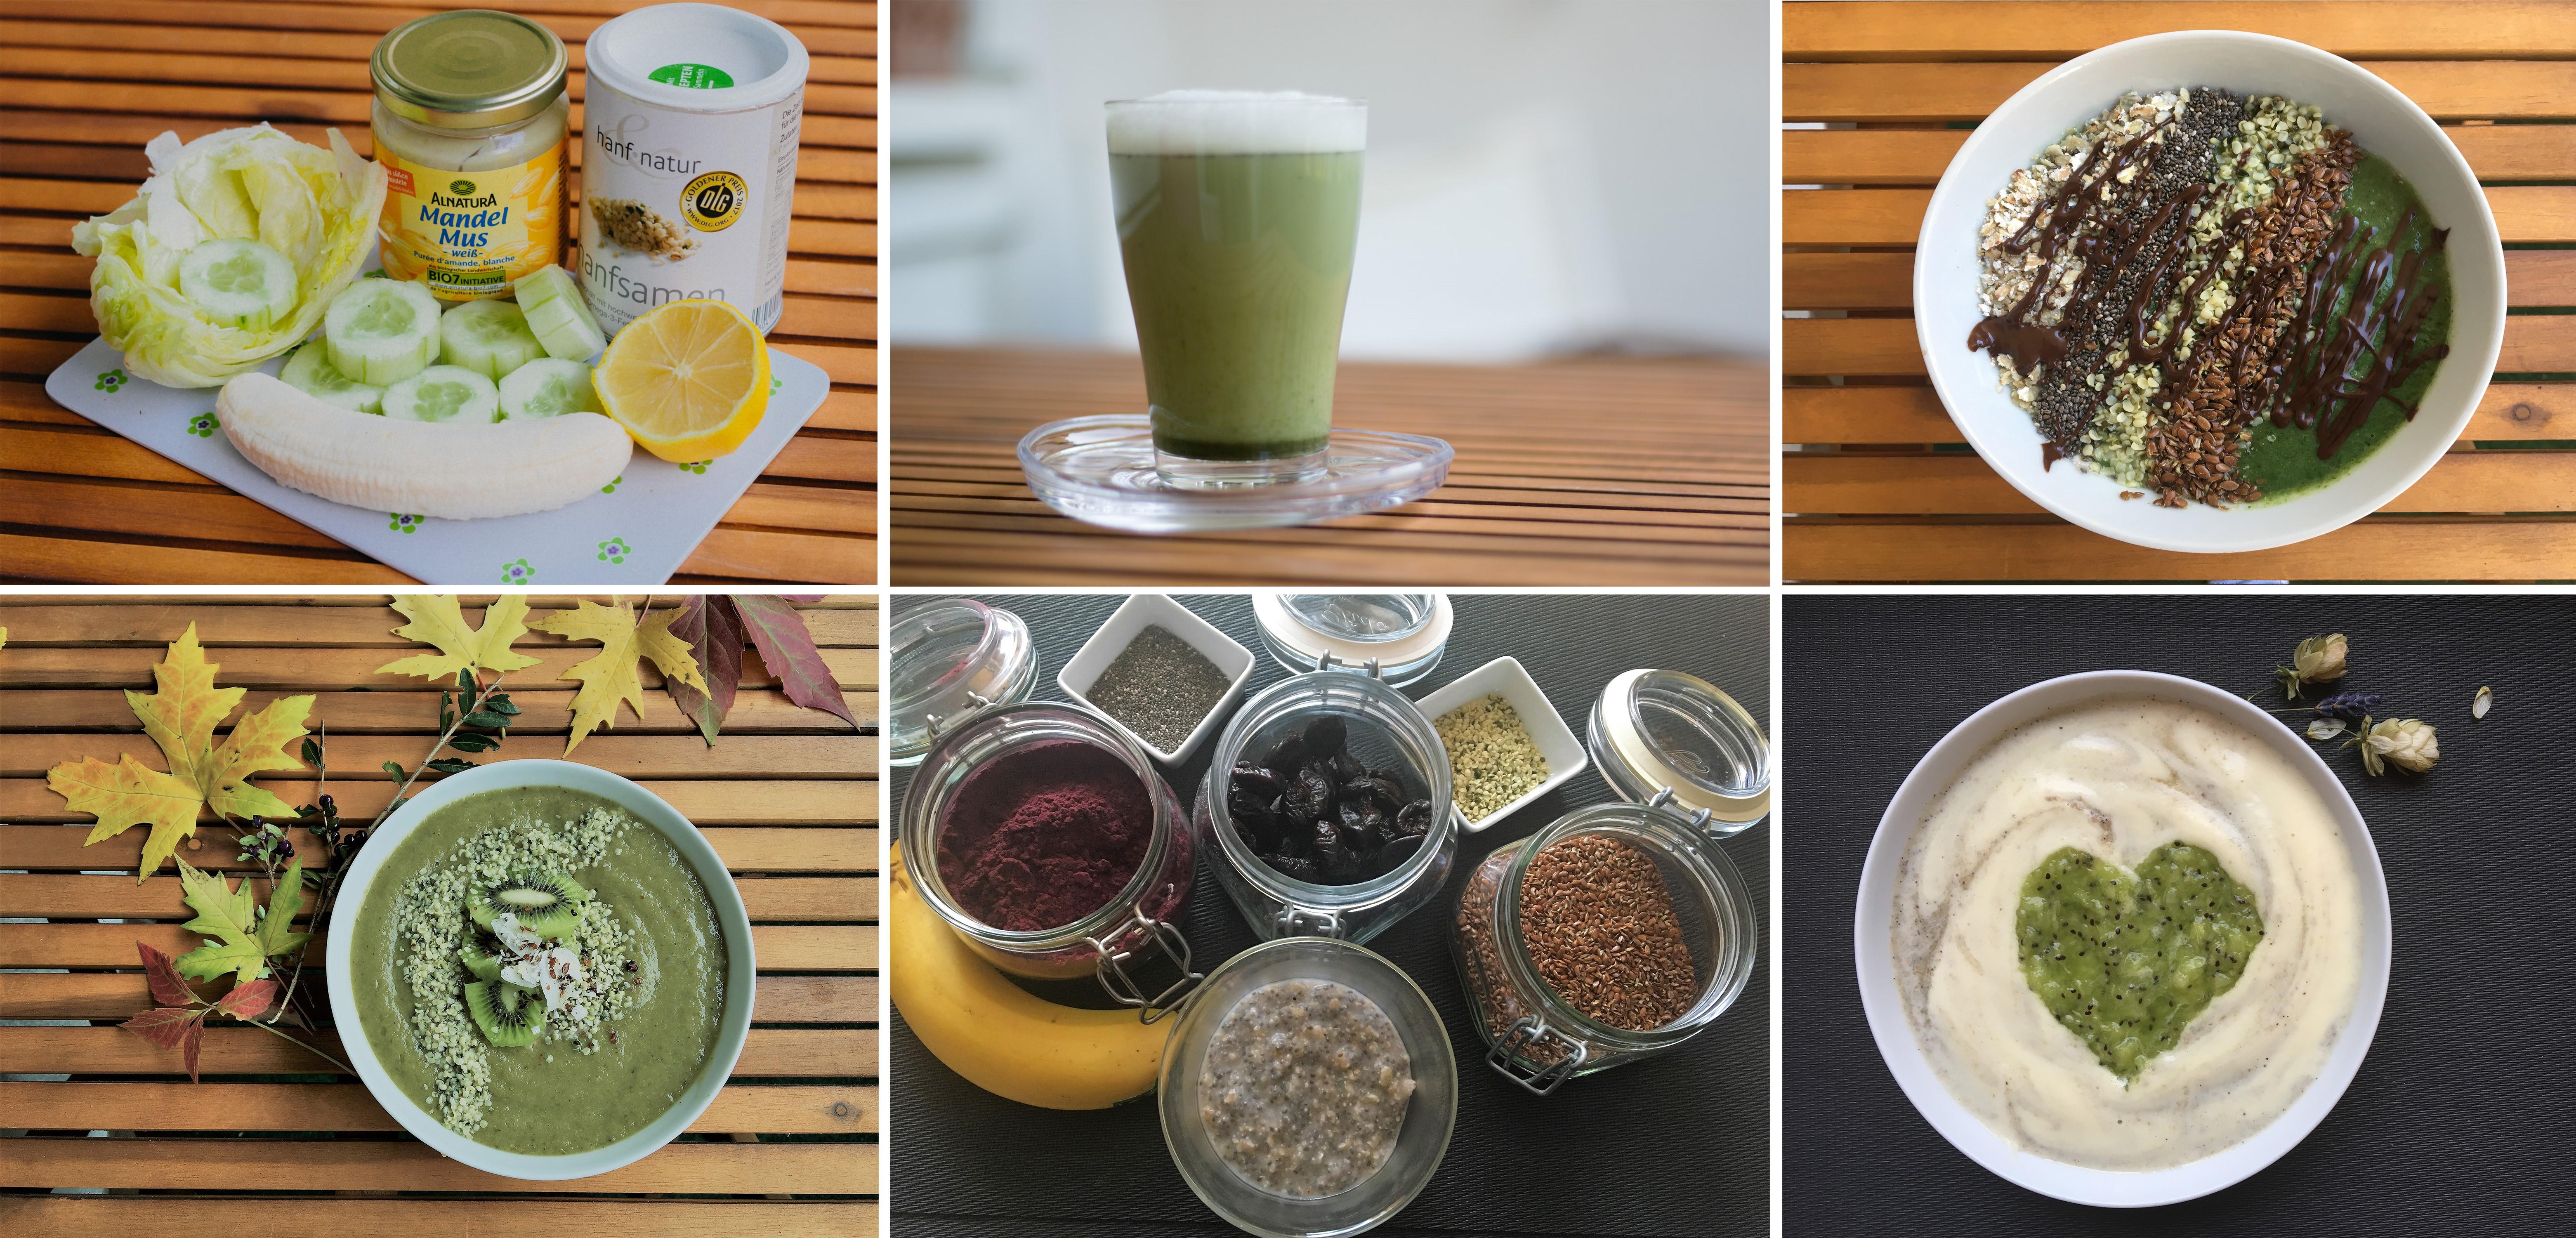 Veganes Frühstück - verschiedene vegane Smoothie Bowls und Drinks